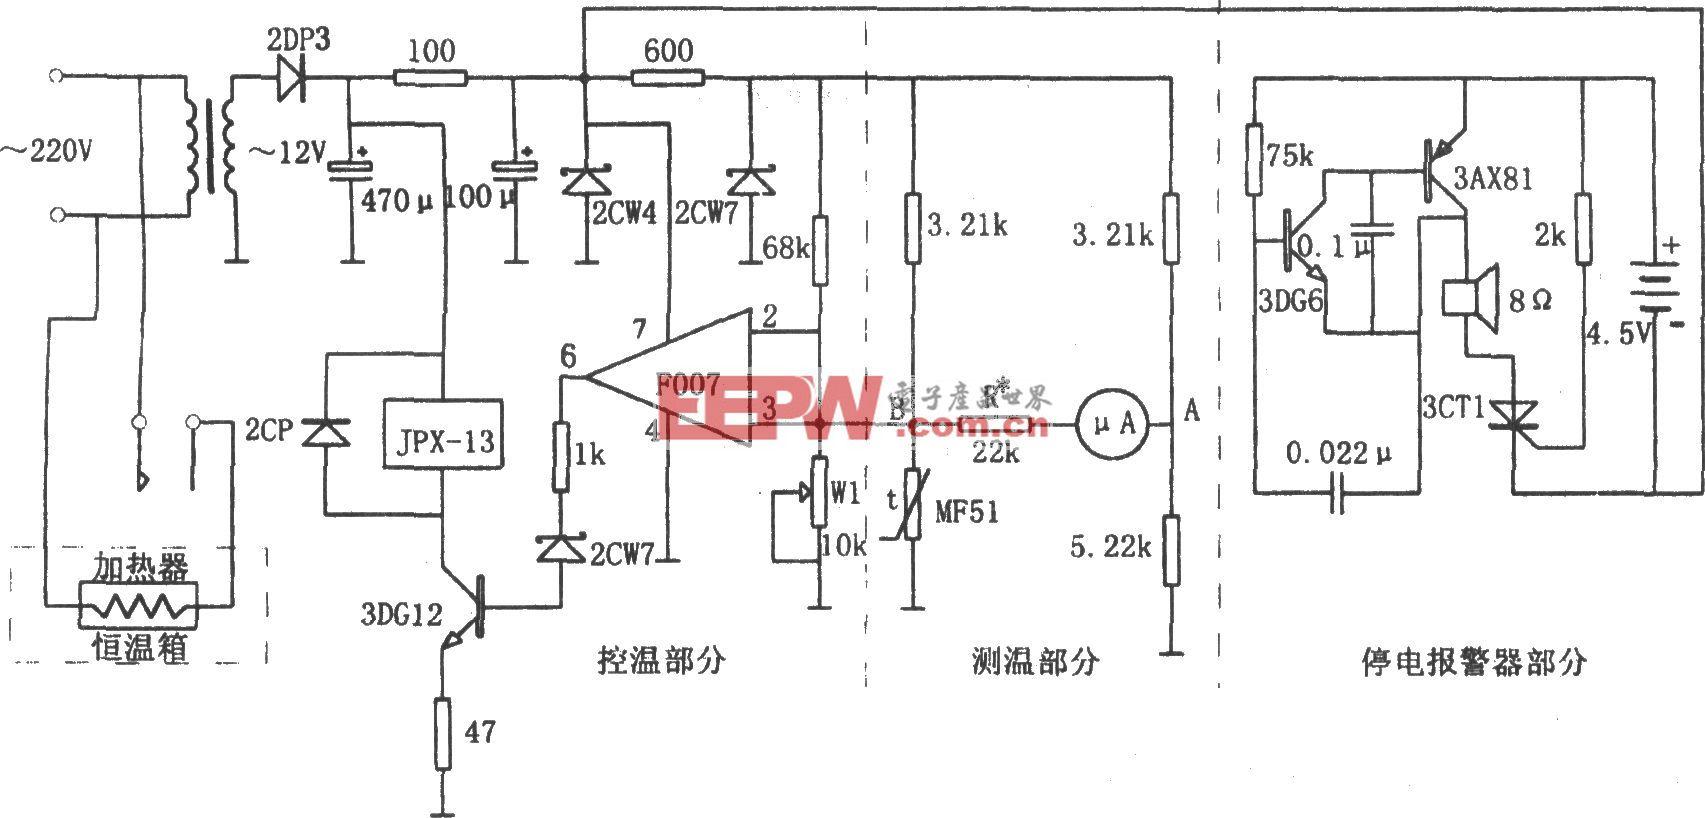 孵蛋温度控制器(F007)